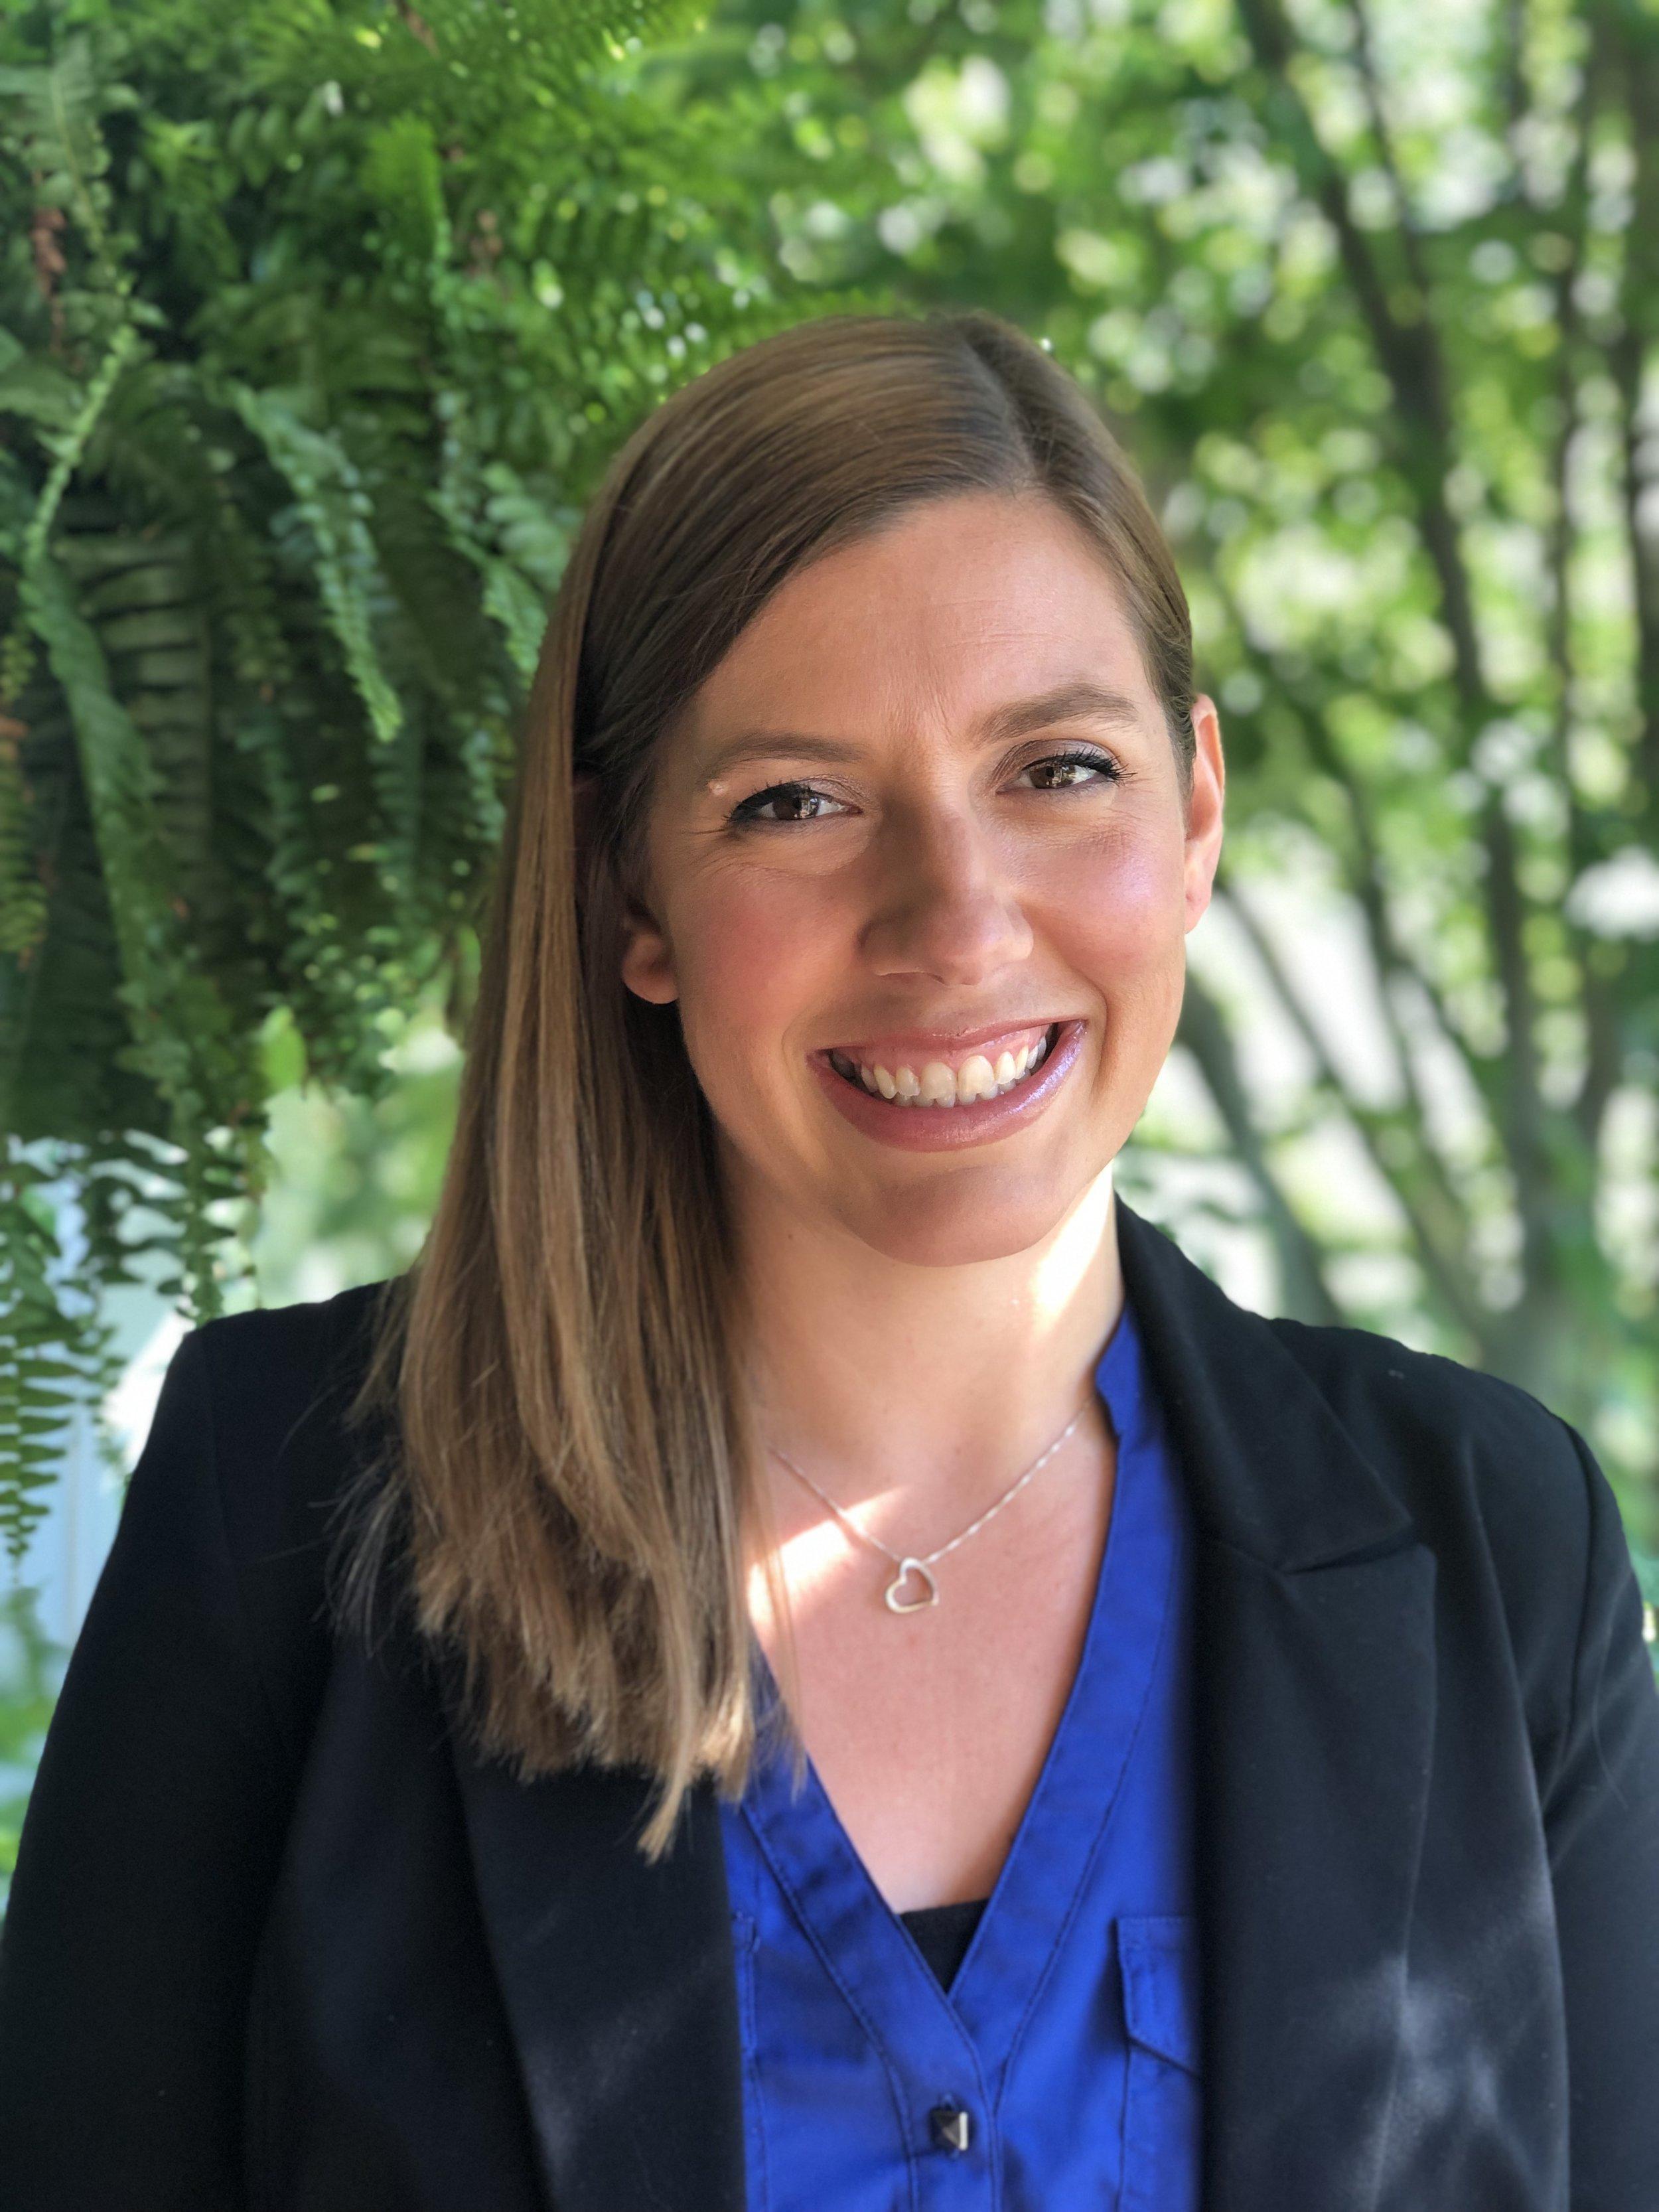 Rachel A. Bates, Associate